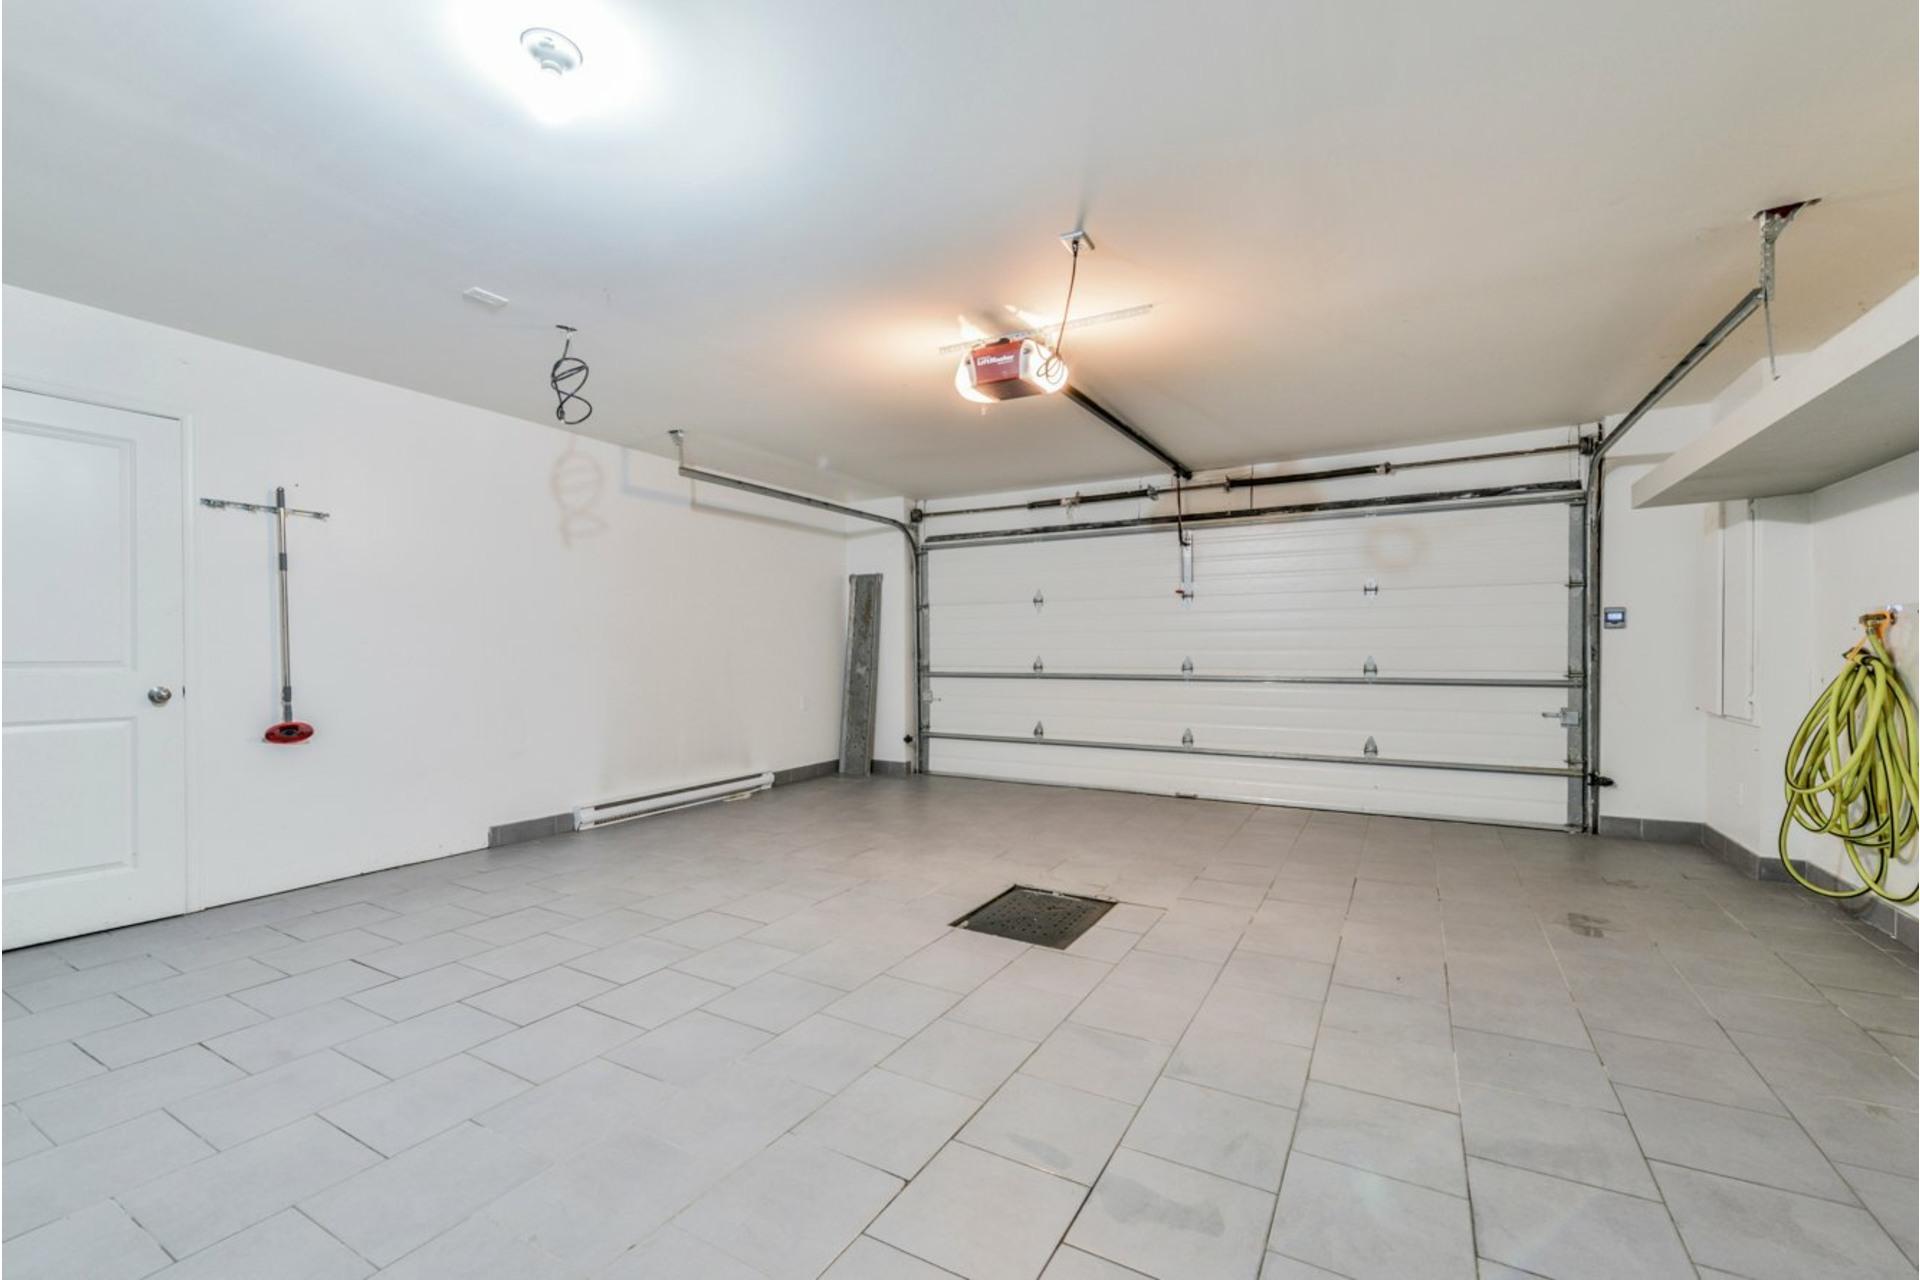 image 21 - Appartement À vendre Brossard - 7 pièces